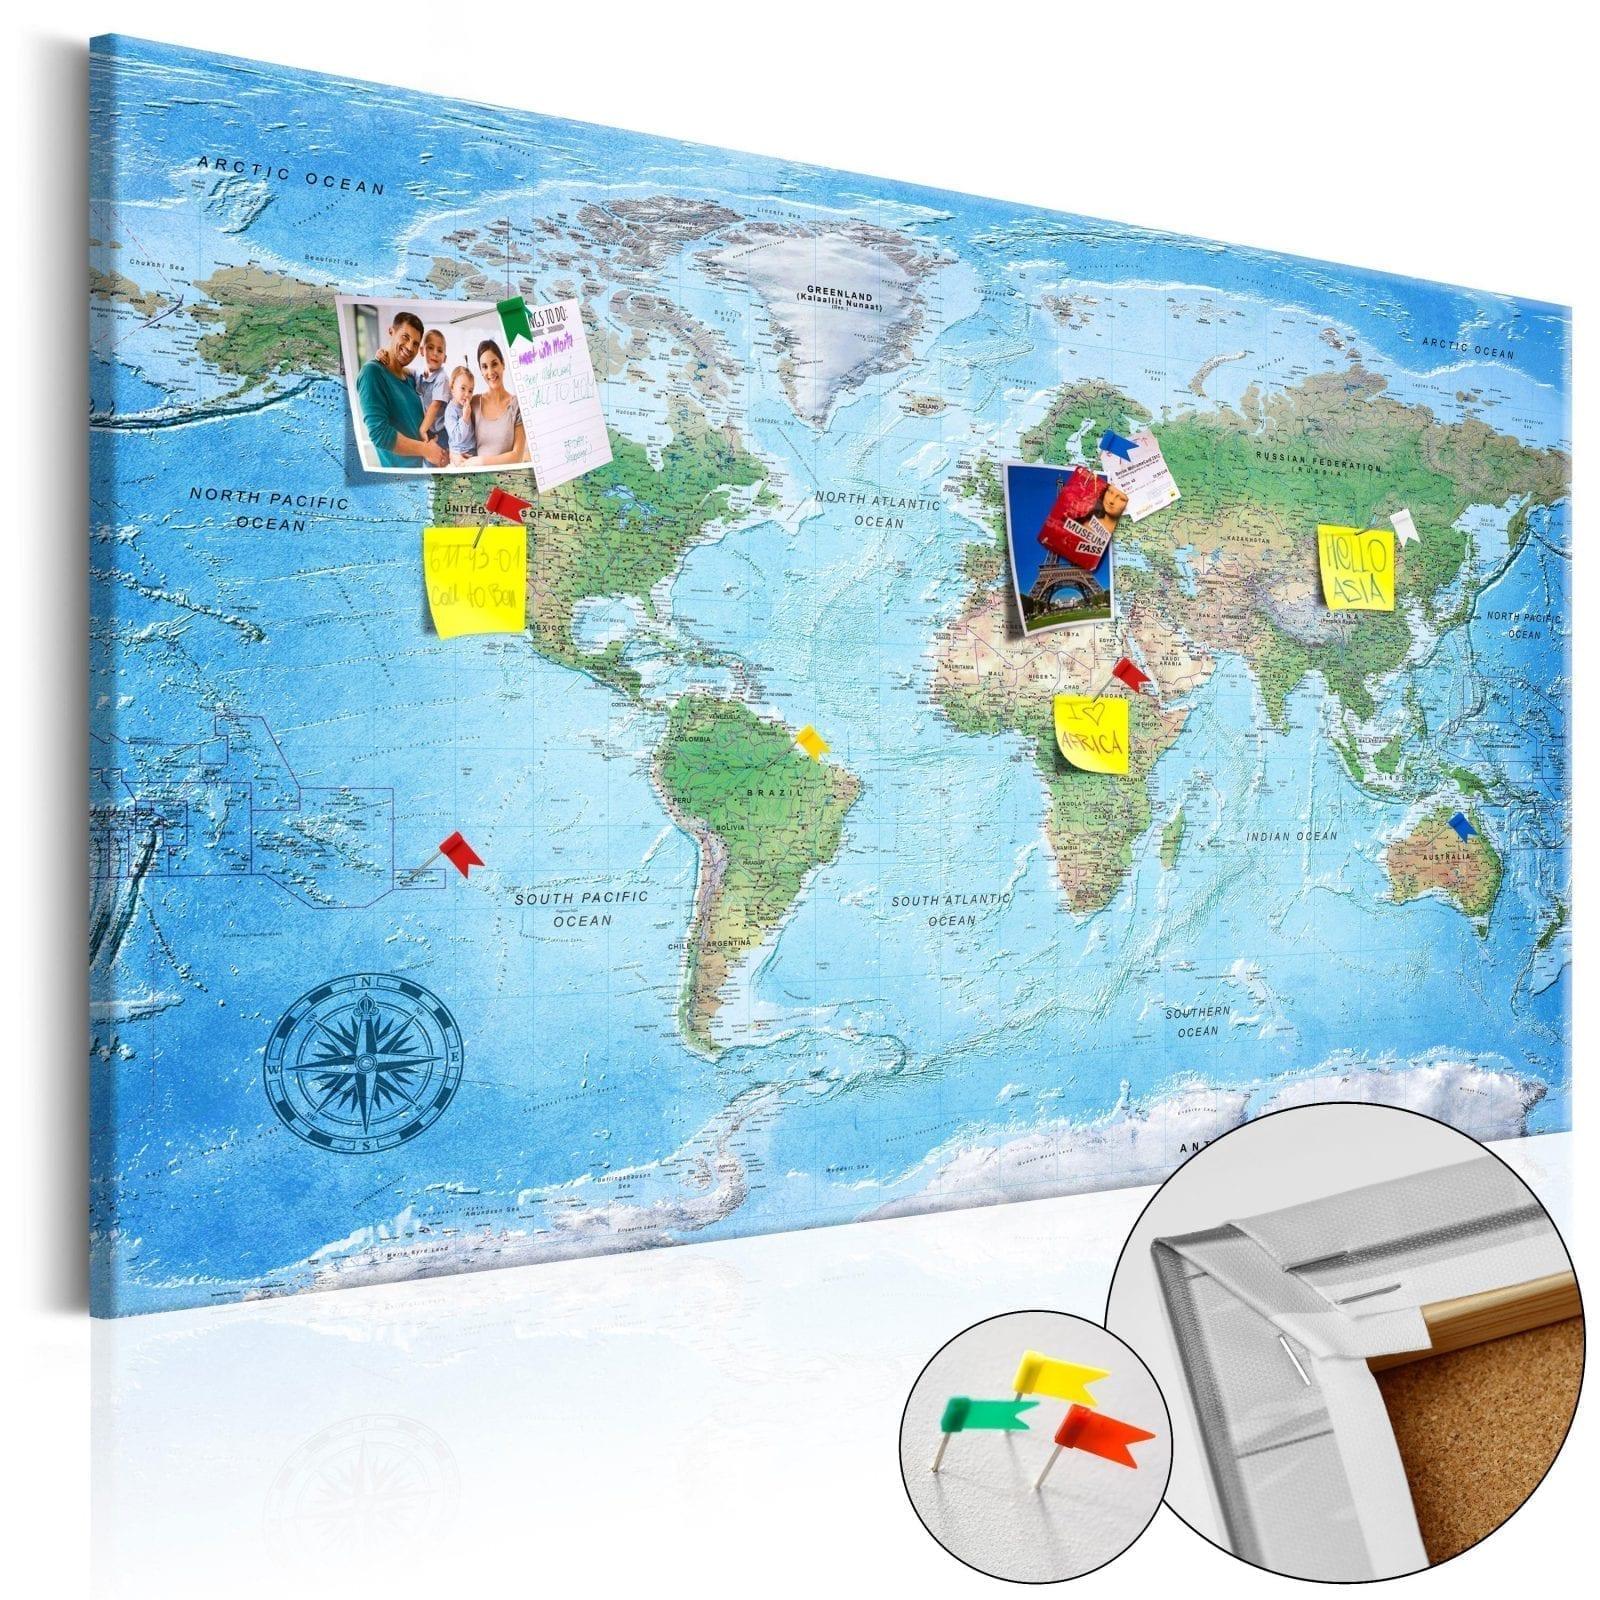 Tablero de corcho - Traditional Cartography 1   Potspintura.com